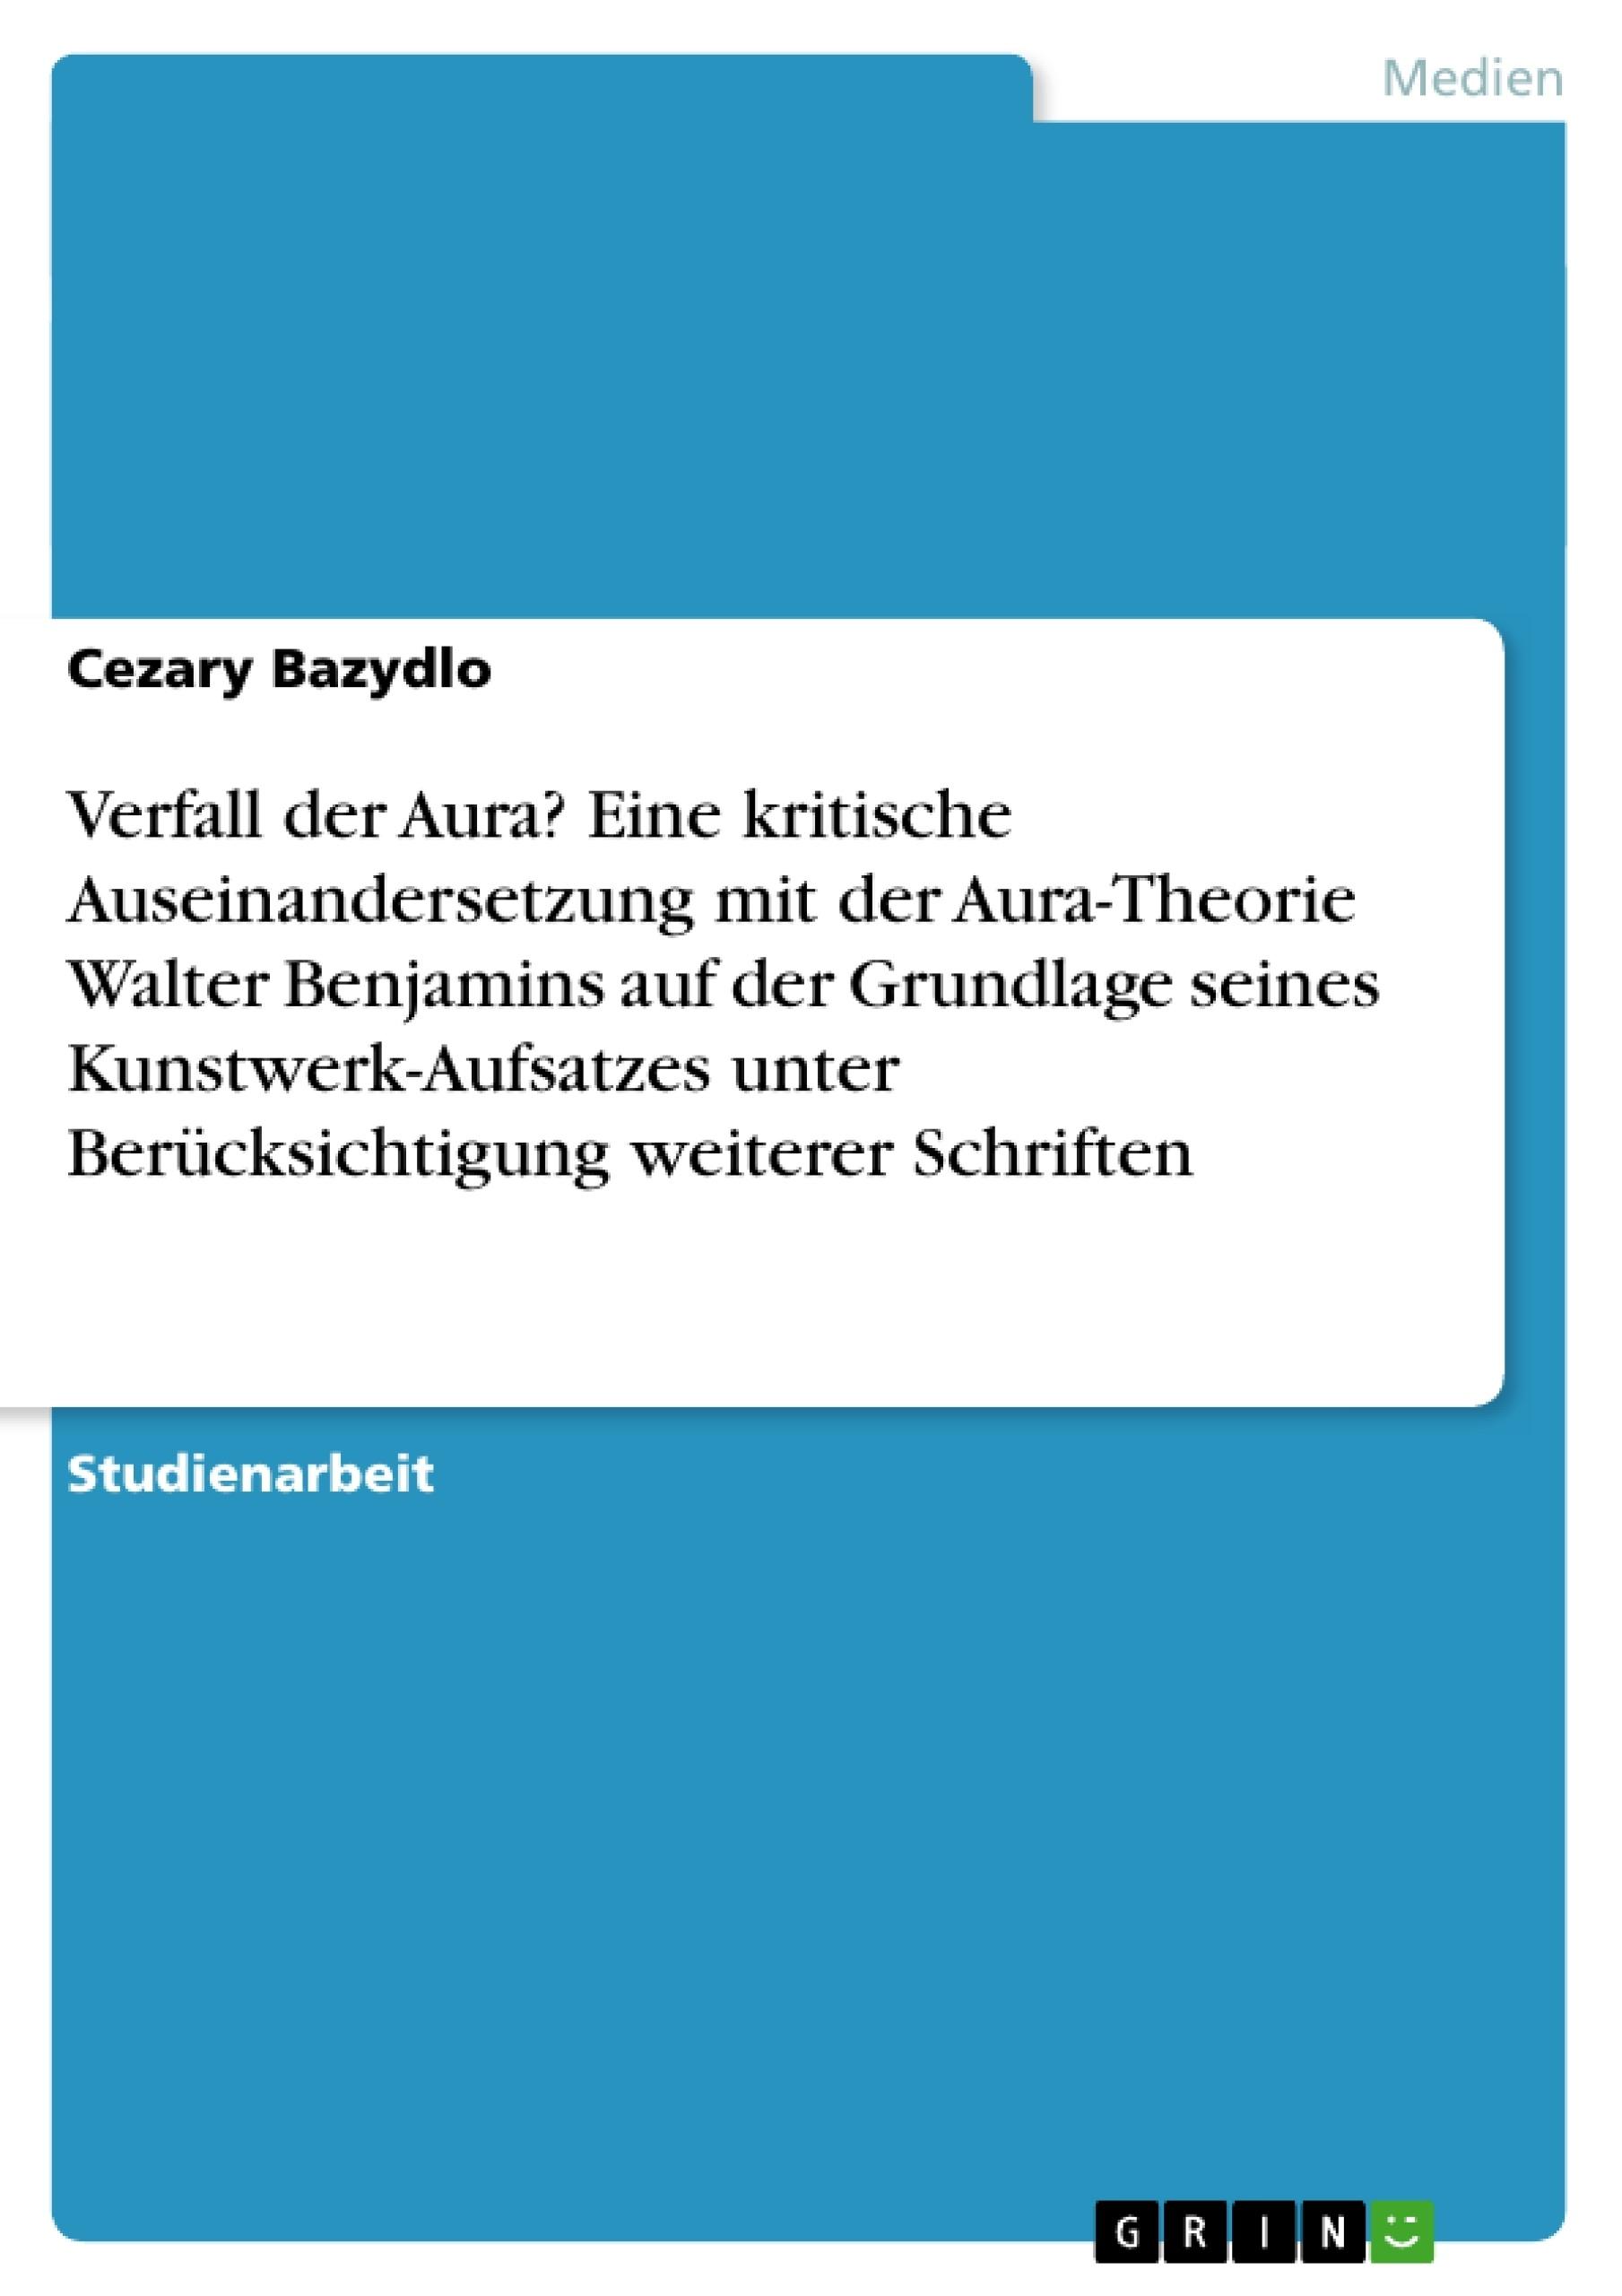 Titel: Verfall der Aura? Eine kritische Auseinandersetzung mit der Aura-Theorie Walter Benjamins auf der Grundlage seines Kunstwerk-Aufsatzes unter Berücksichtigung weiterer Schriften